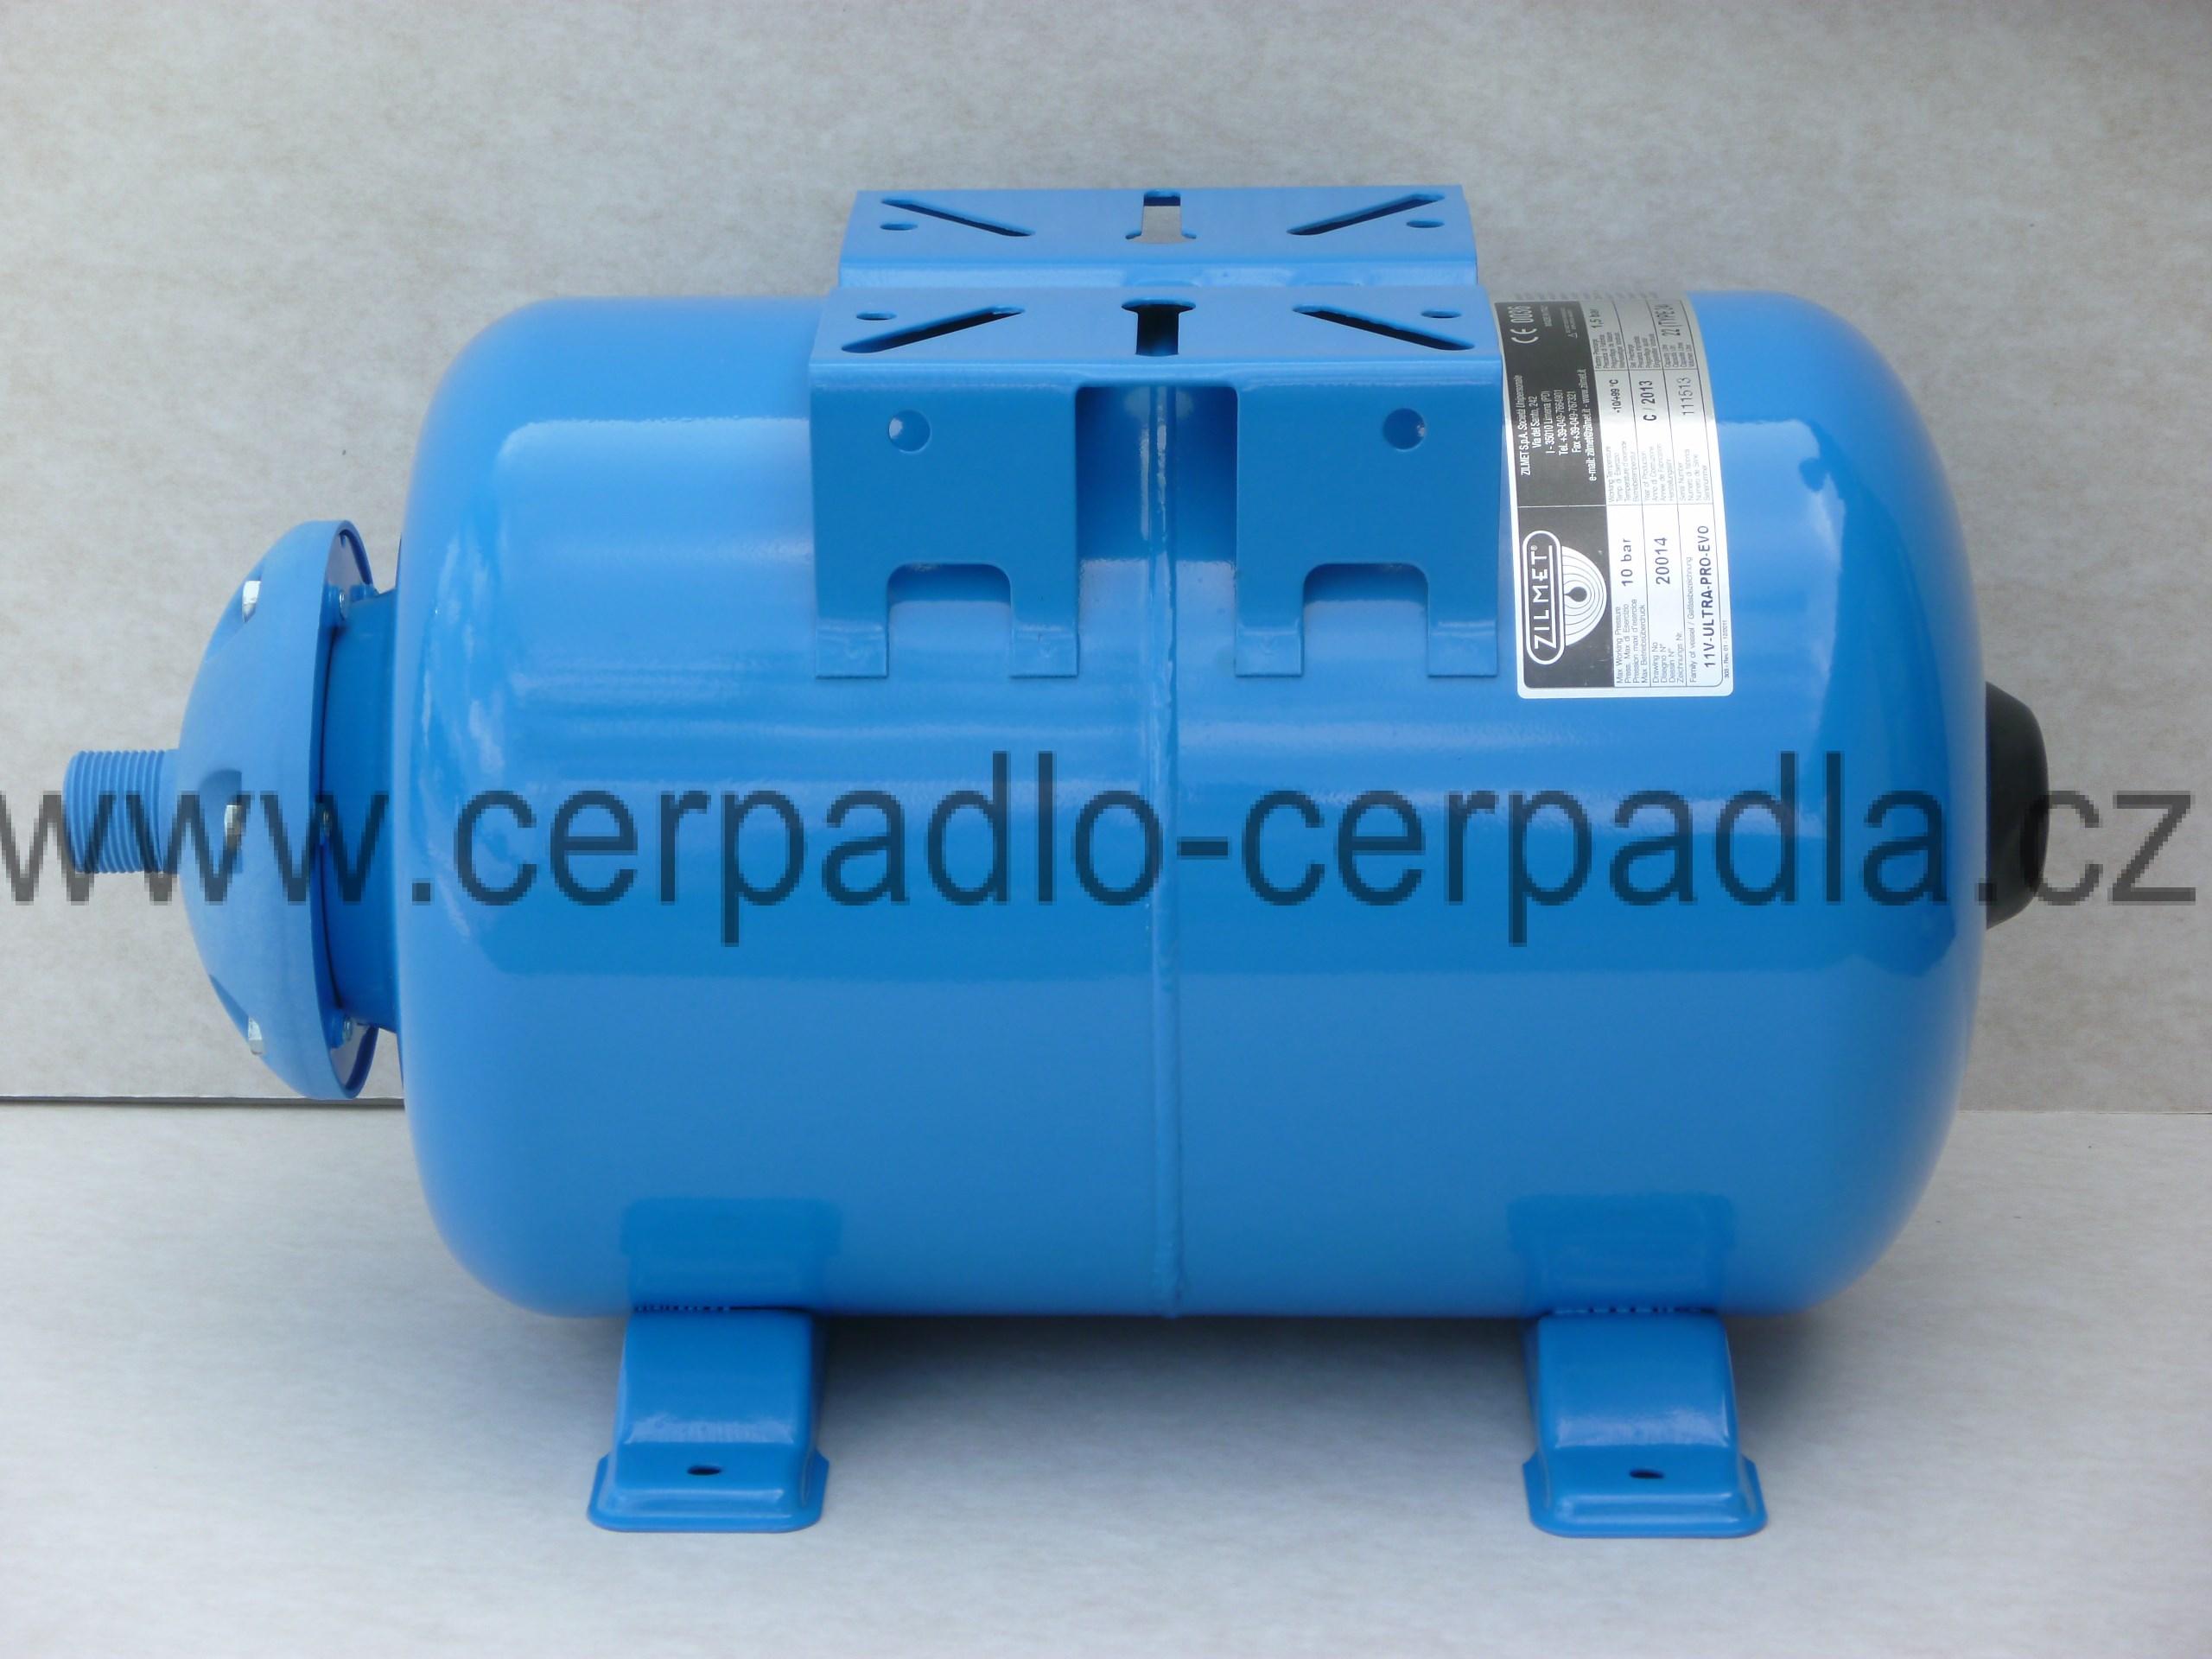 ZILMET ULTRA-PRO 24 L, tlaková nádoba, horizontální (s vakem, tlakové nádoby ZILMET, nádrž pro domácí vodárny)